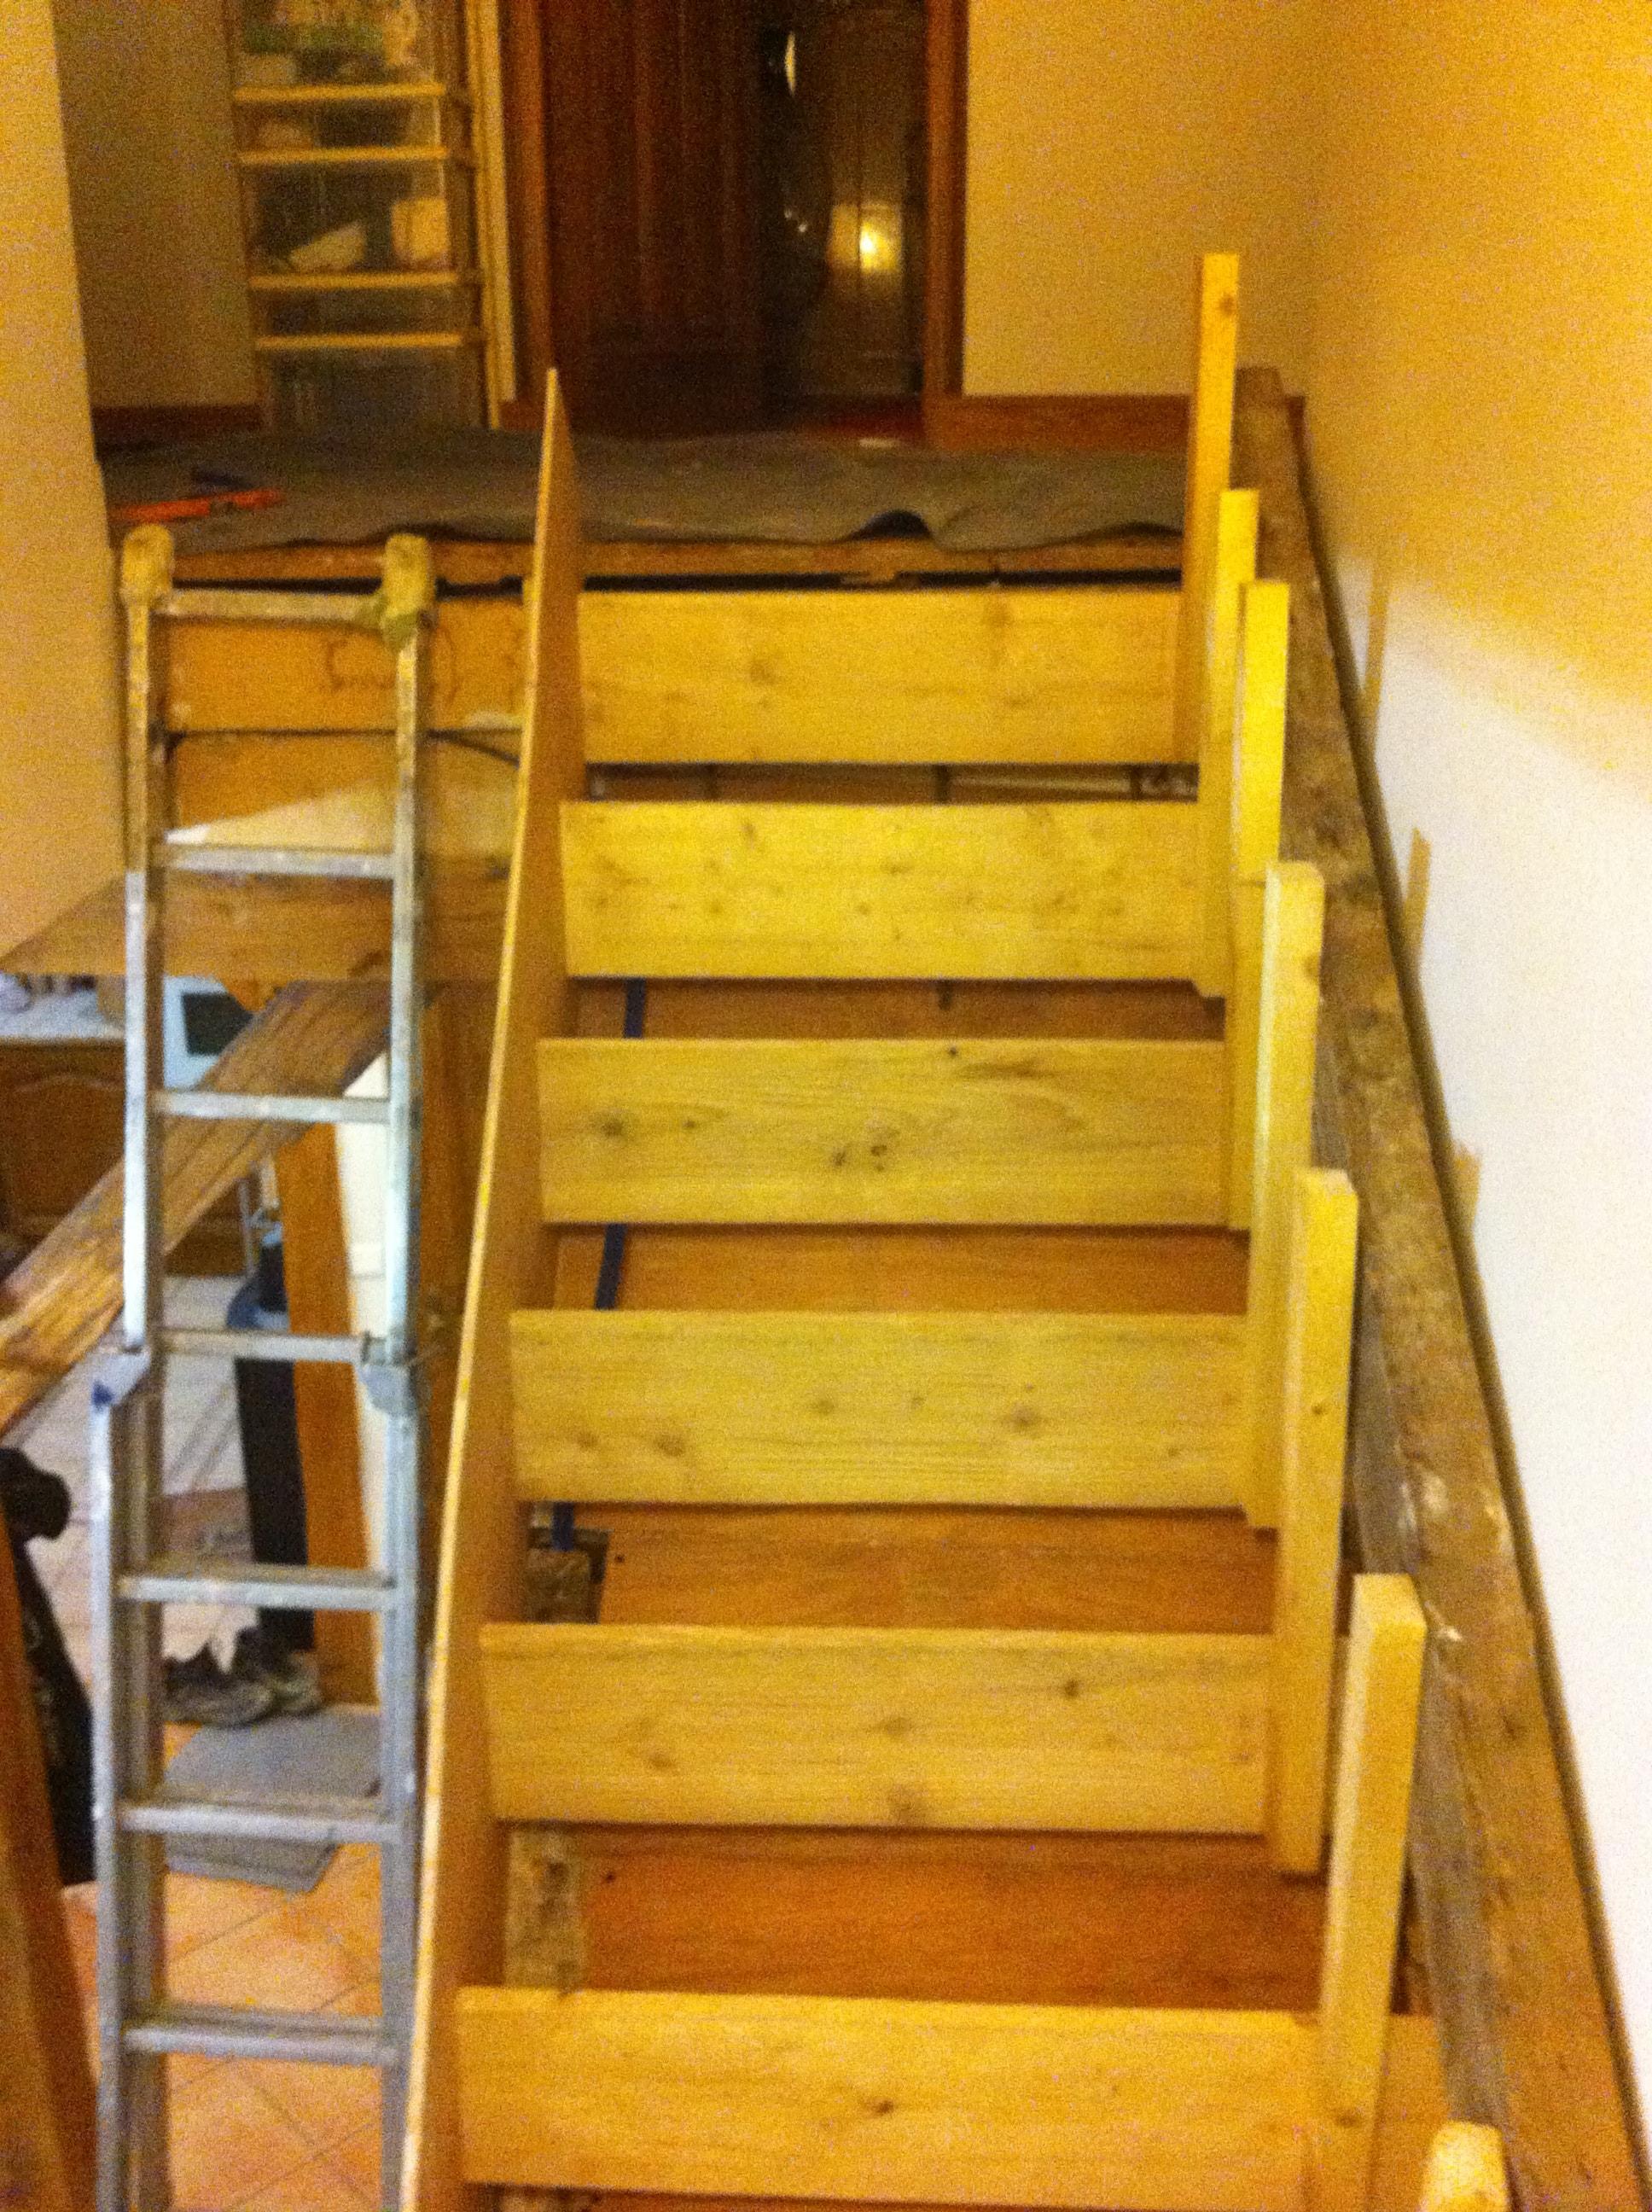 escalier-bois-7-travaux-creation-debut-coffrage-texas-batiment-min